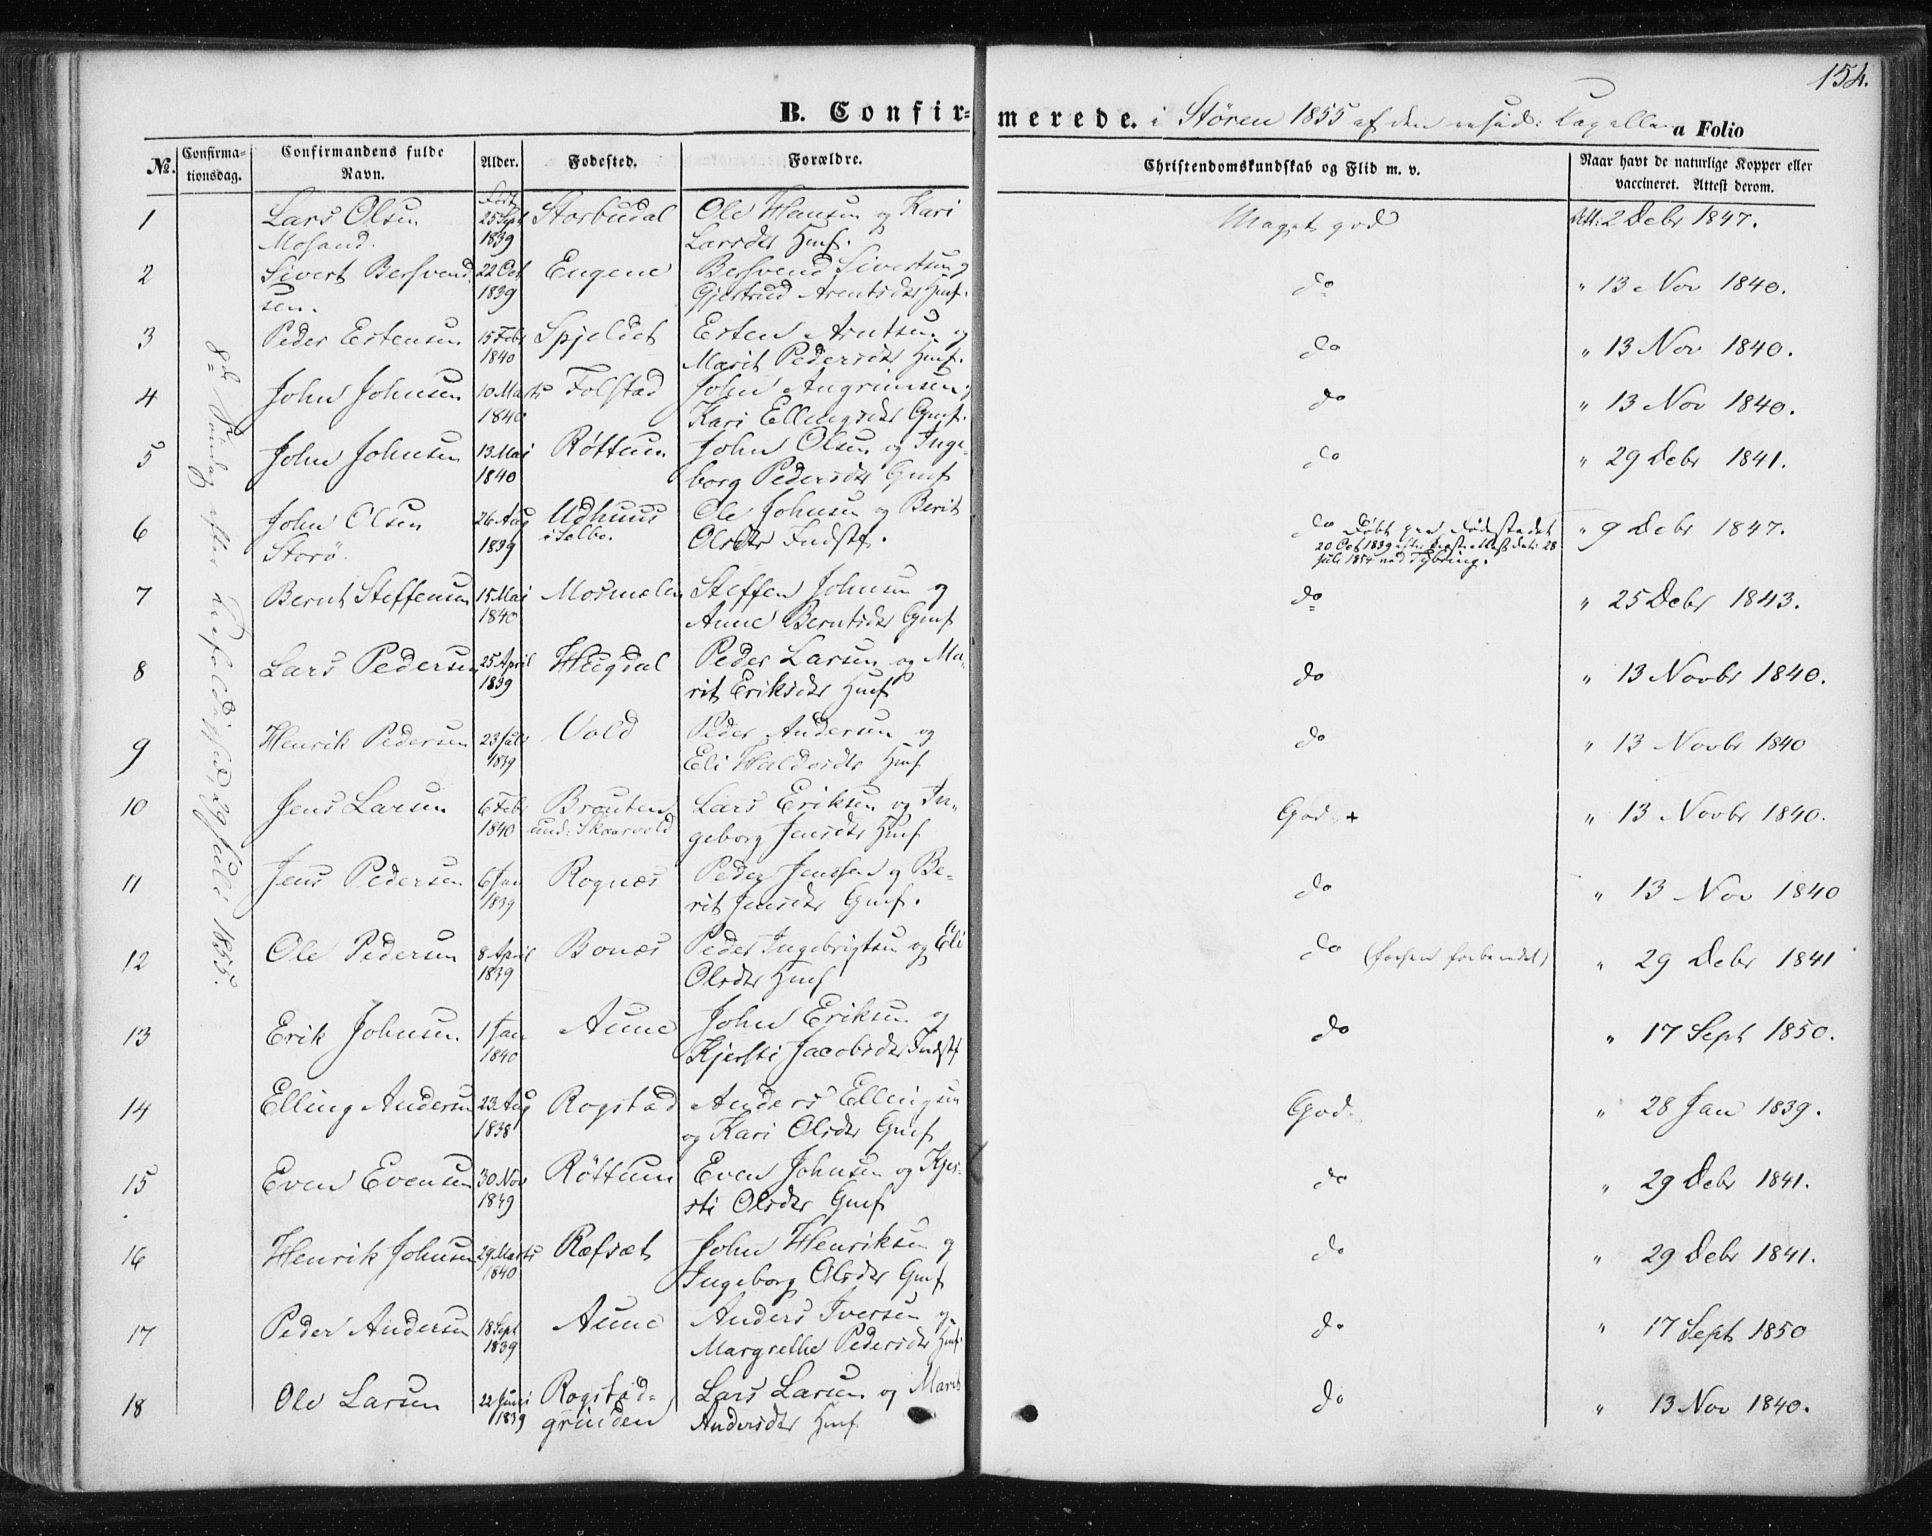 SAT, Ministerialprotokoller, klokkerbøker og fødselsregistre - Sør-Trøndelag, 687/L1000: Ministerialbok nr. 687A06, 1848-1869, s. 154